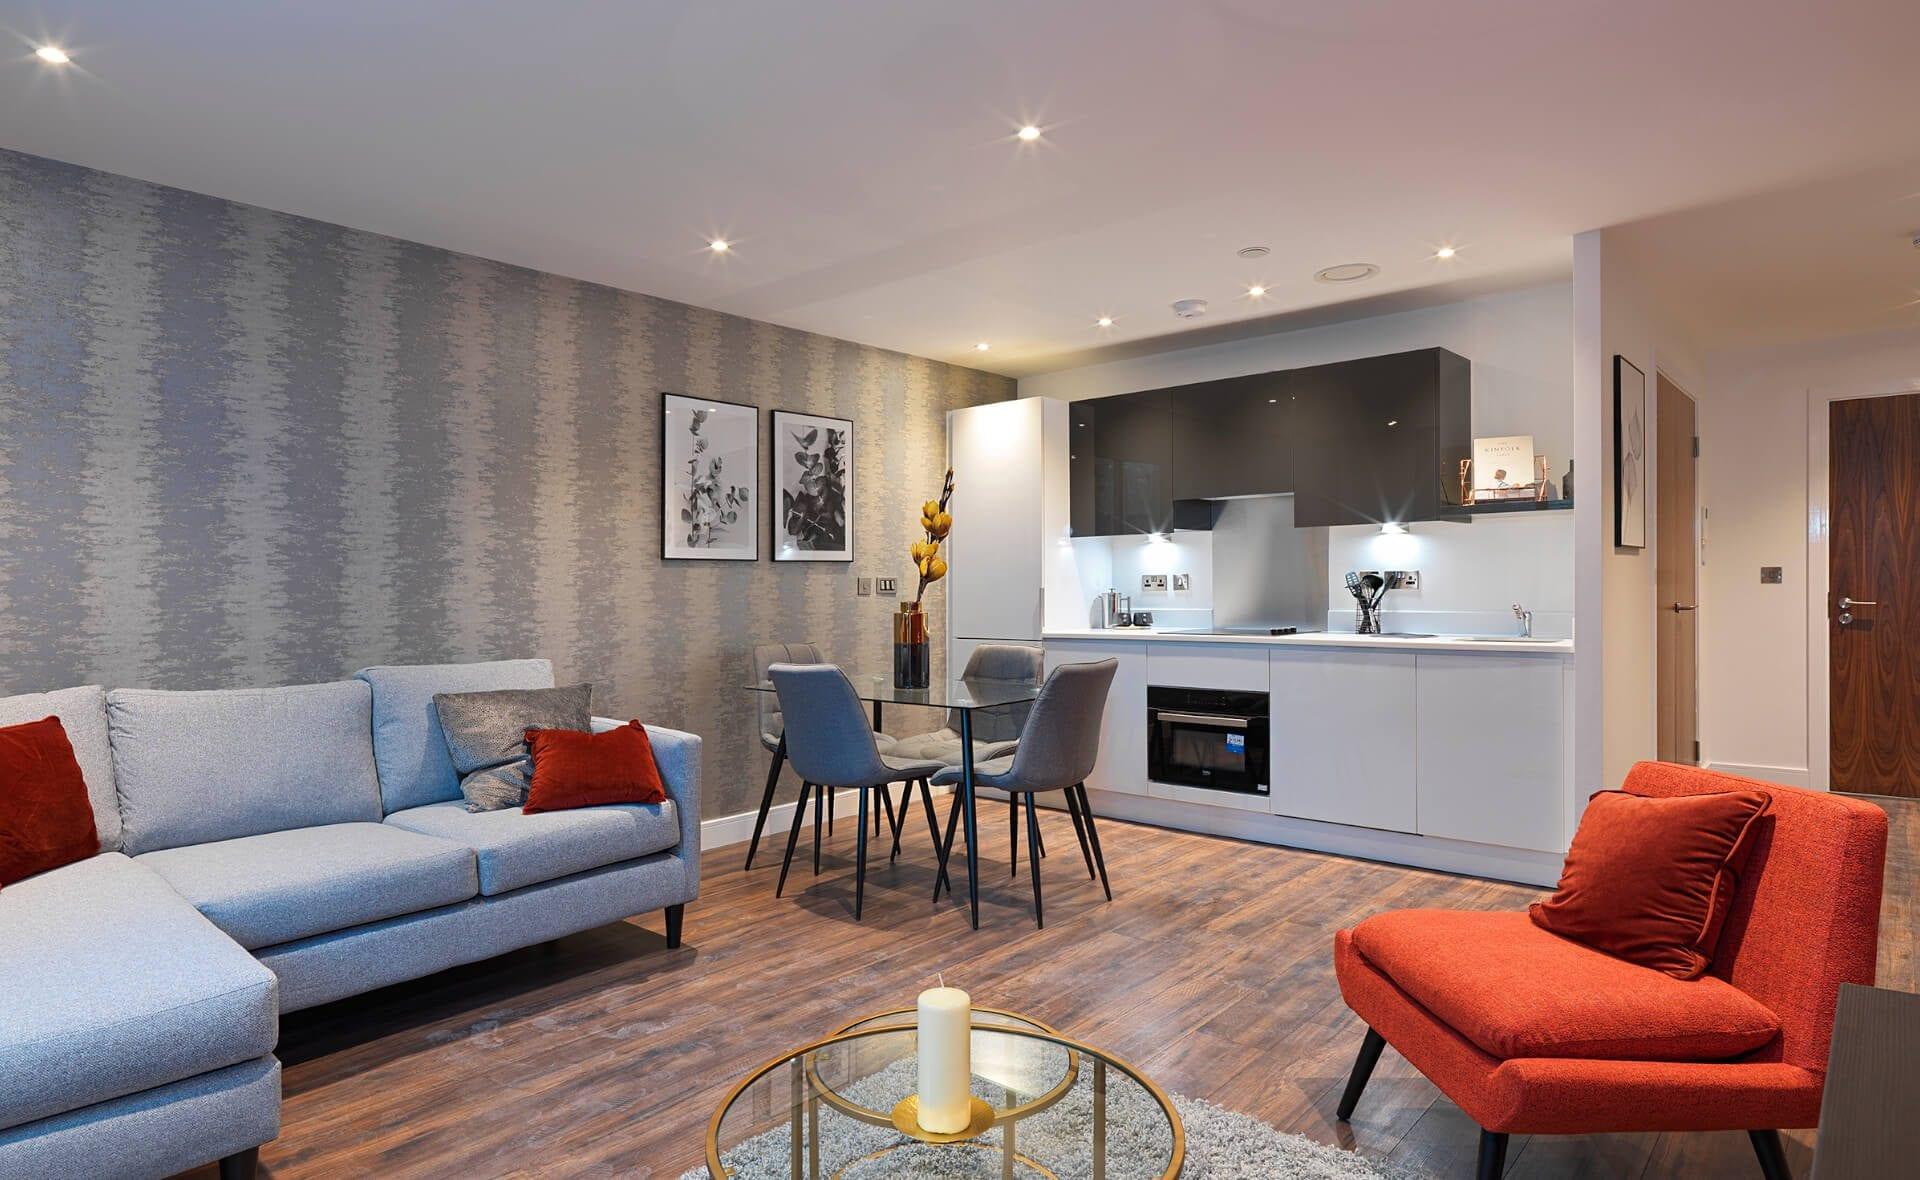 New Eton House Living room3